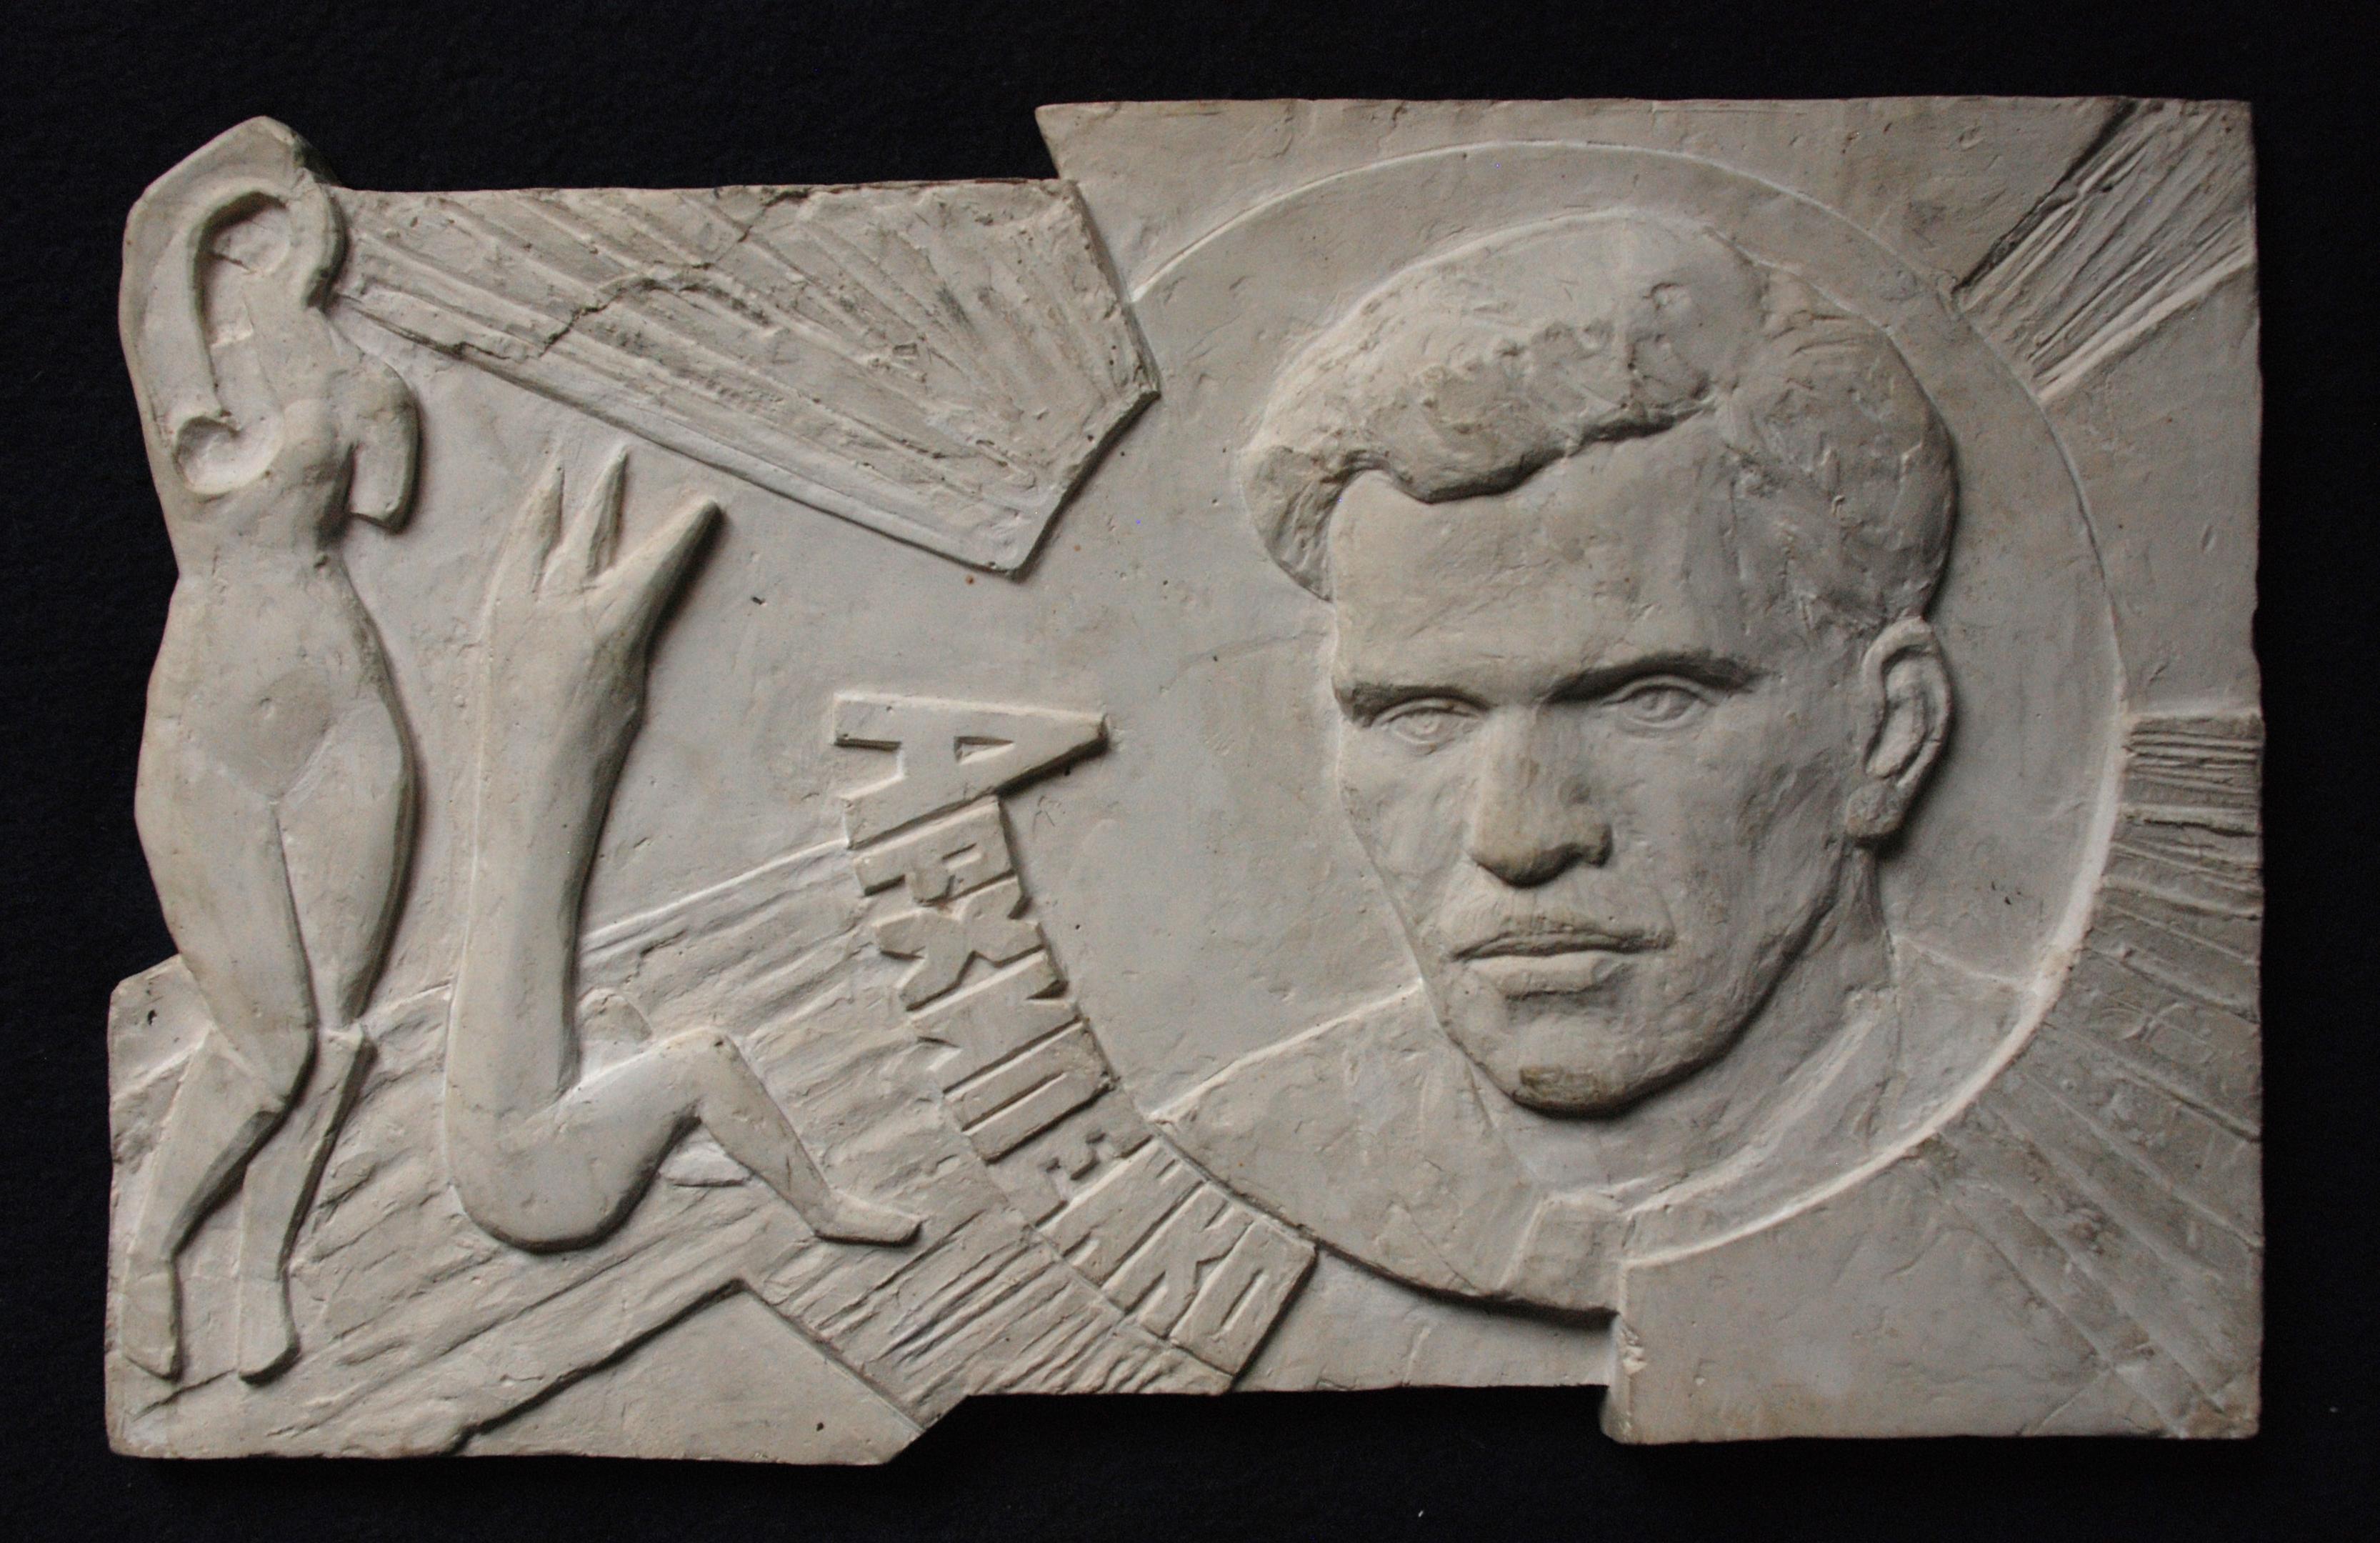 Композиция посвящённая скульптуру Архипенко